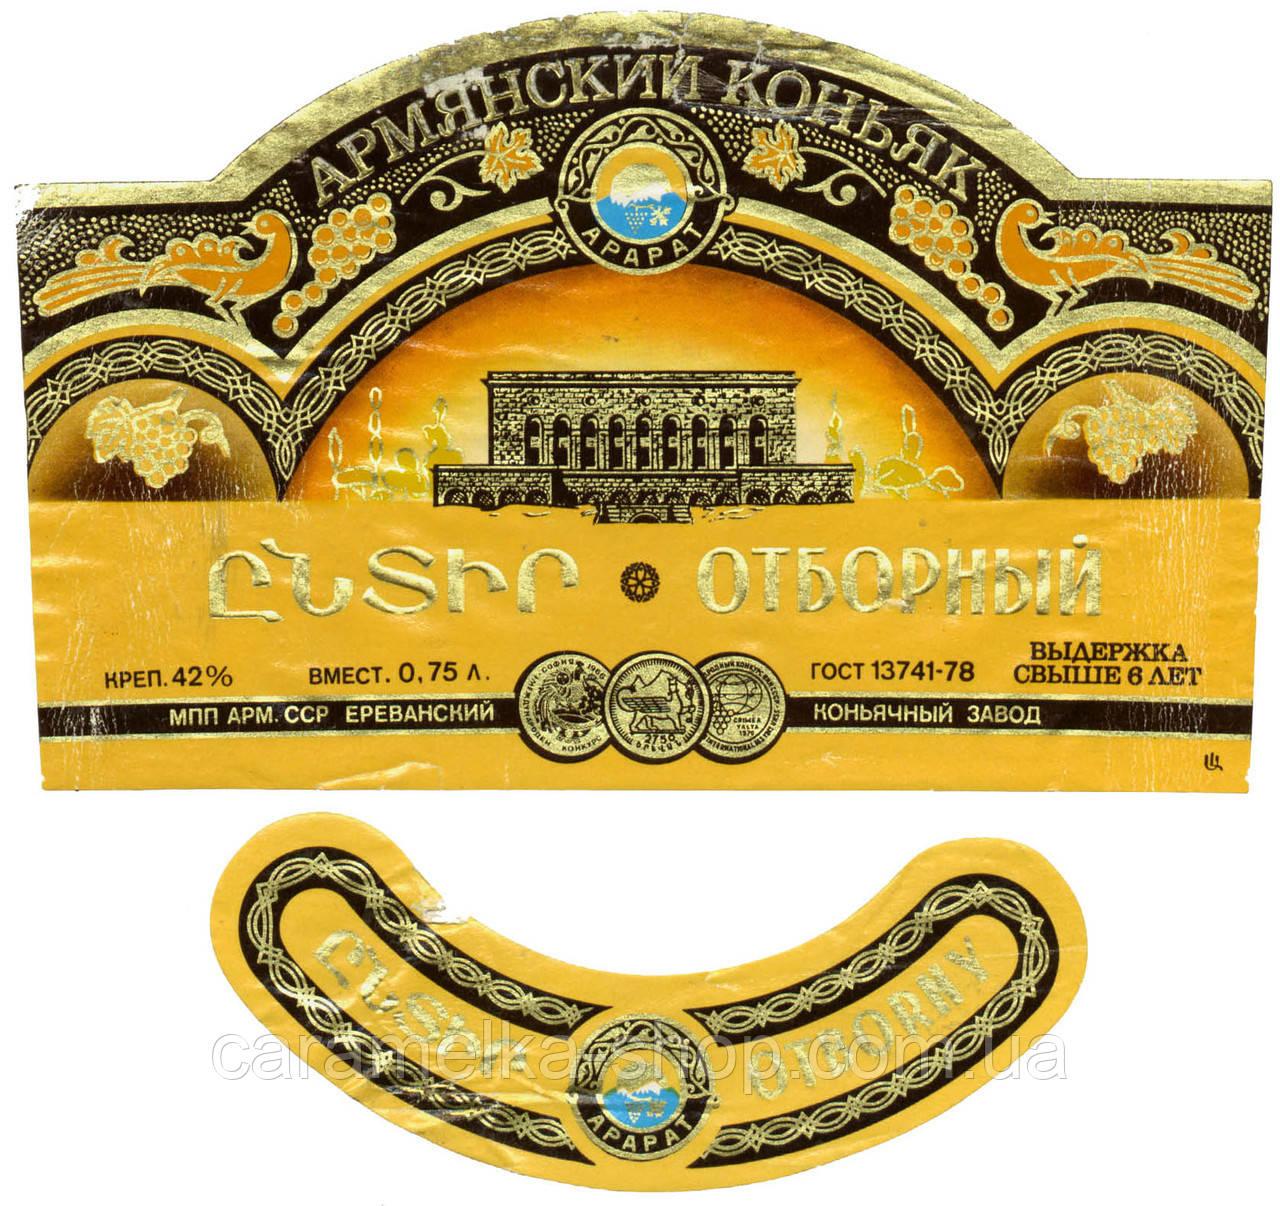 Вафельна картинка етикетка коньяк, для торта